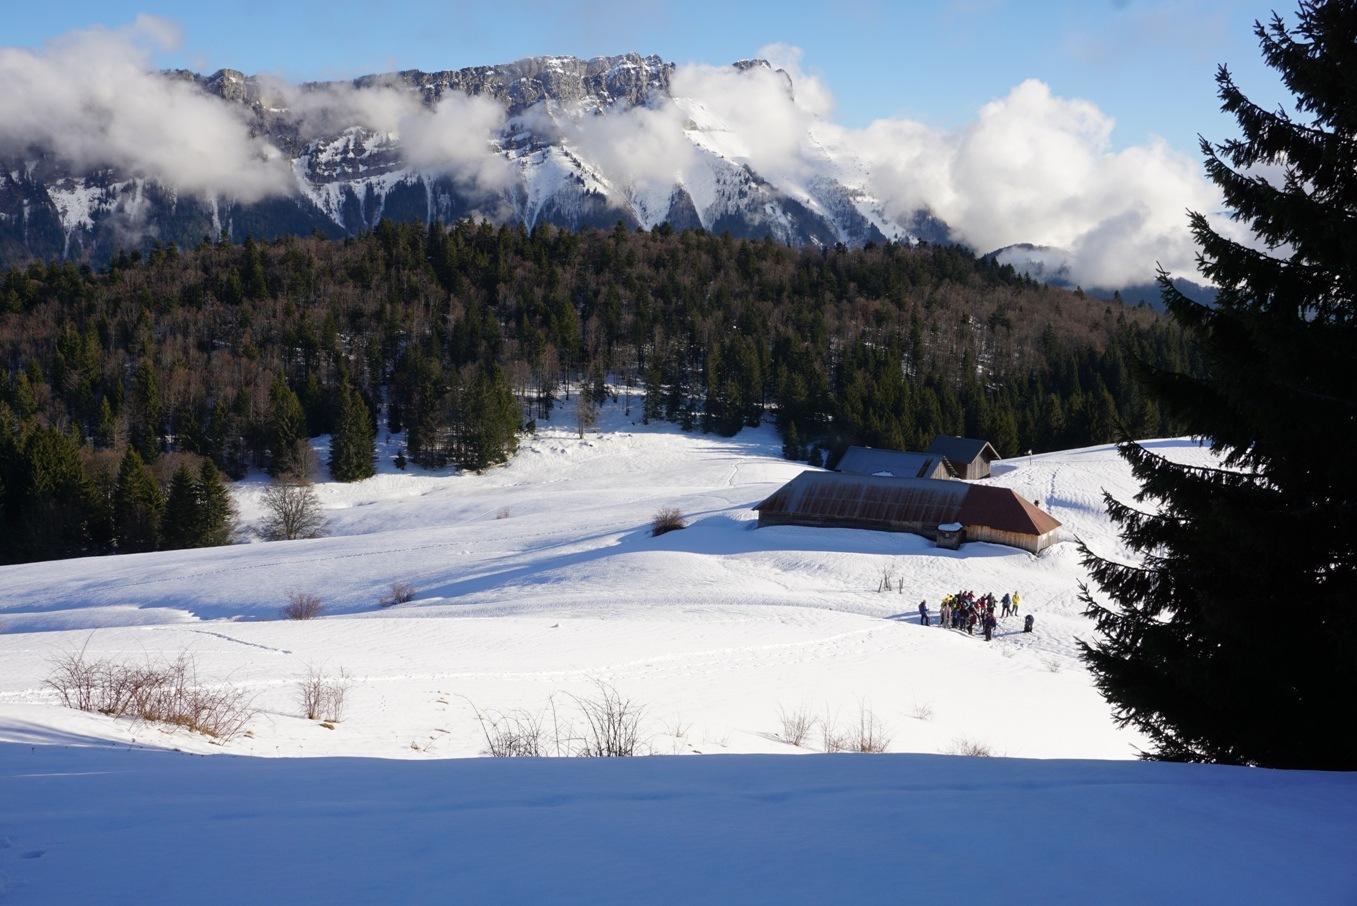 55 ligériens en séjour raquettes en Savoie